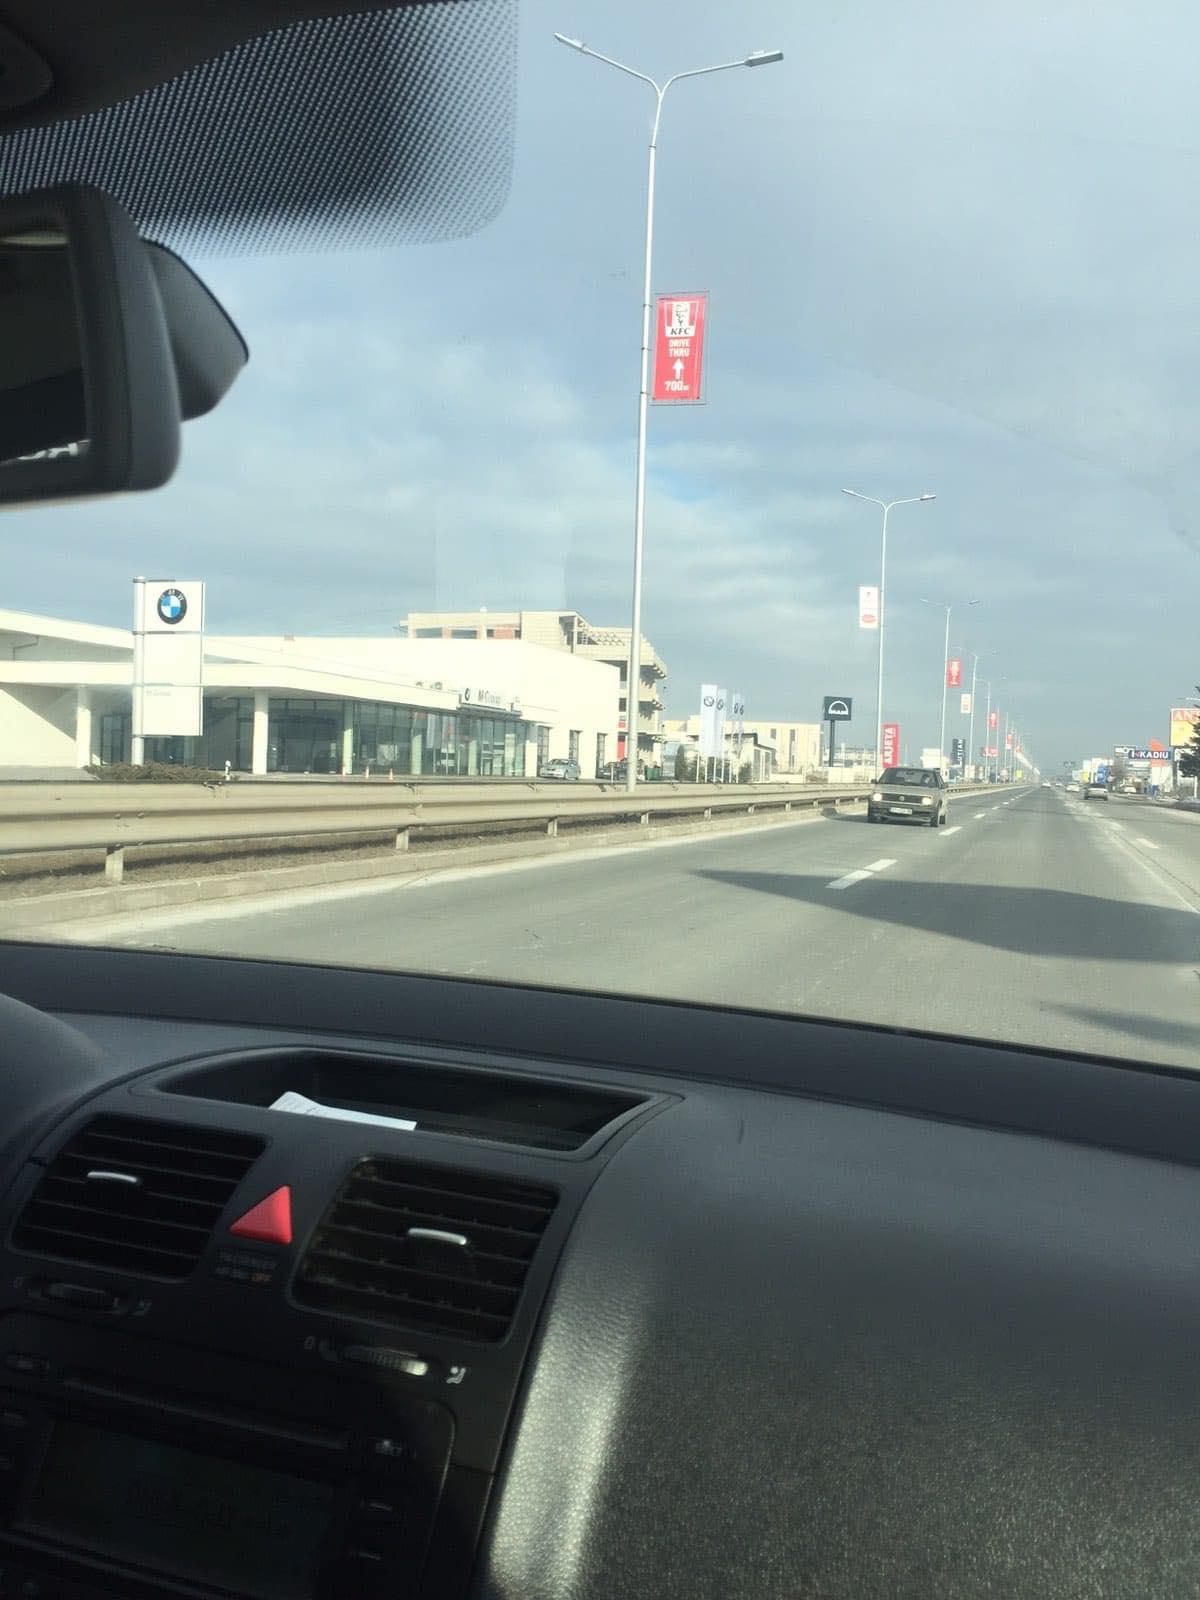 veturaa - Vetura Golf 2 futet në anën e kundërt në magjistralen Ferizaj-Prishtinë: Ndalohet nga Policia